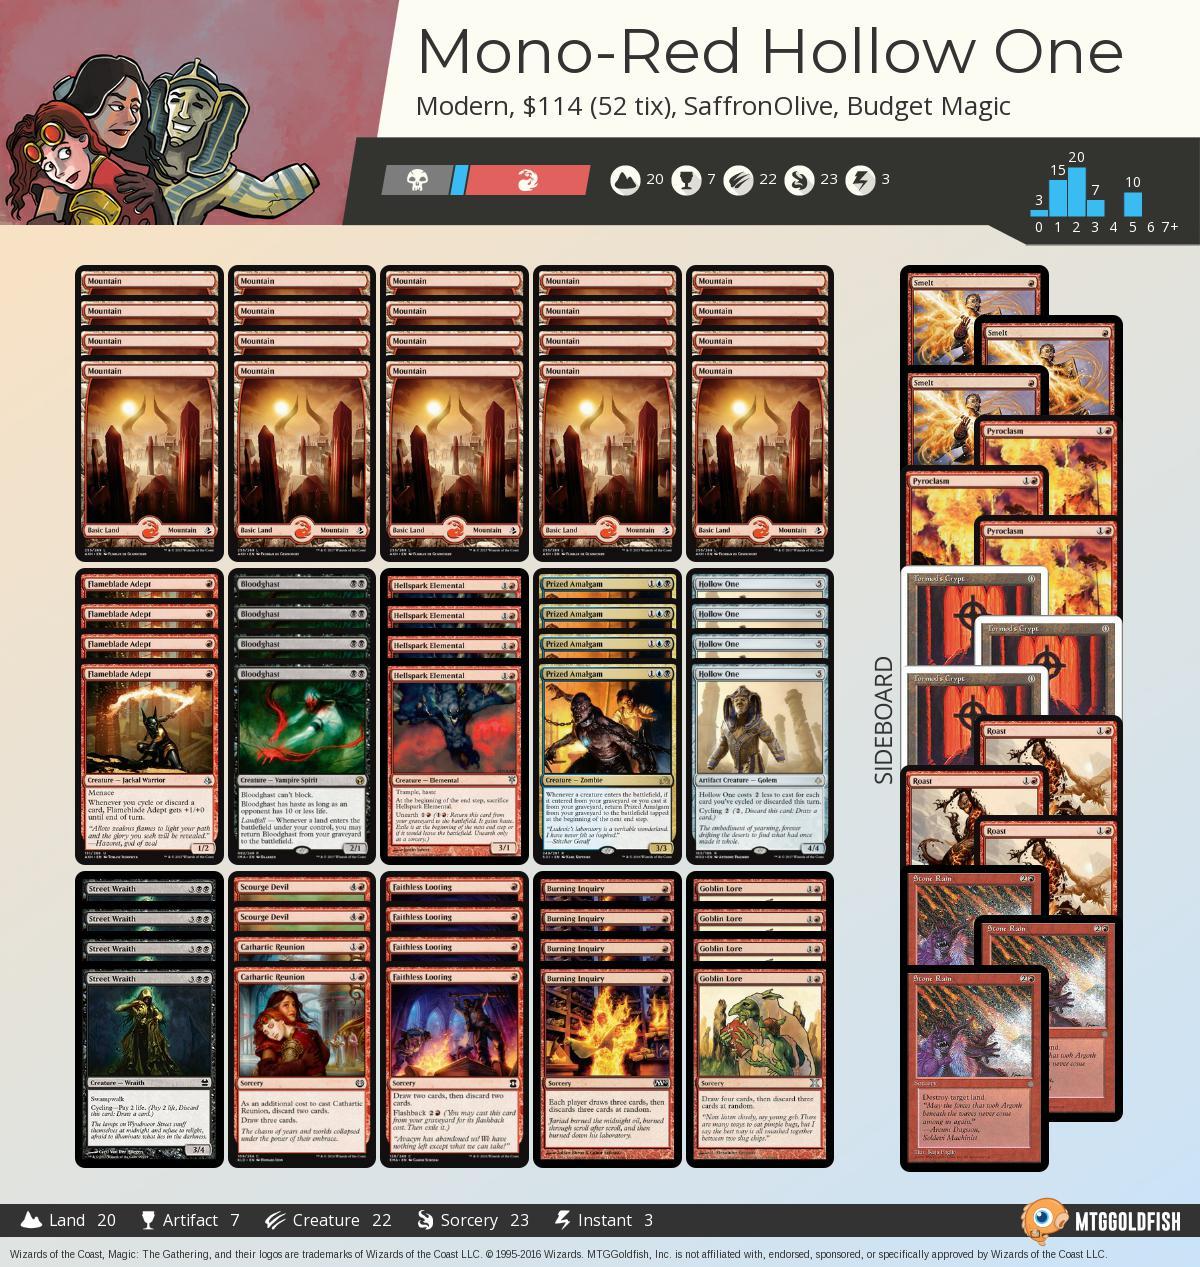 Mono red%2bhollow%2bone 5721ade5 ff6d 4caa b6f1 c4ebf9c9a3e9%2ejpg